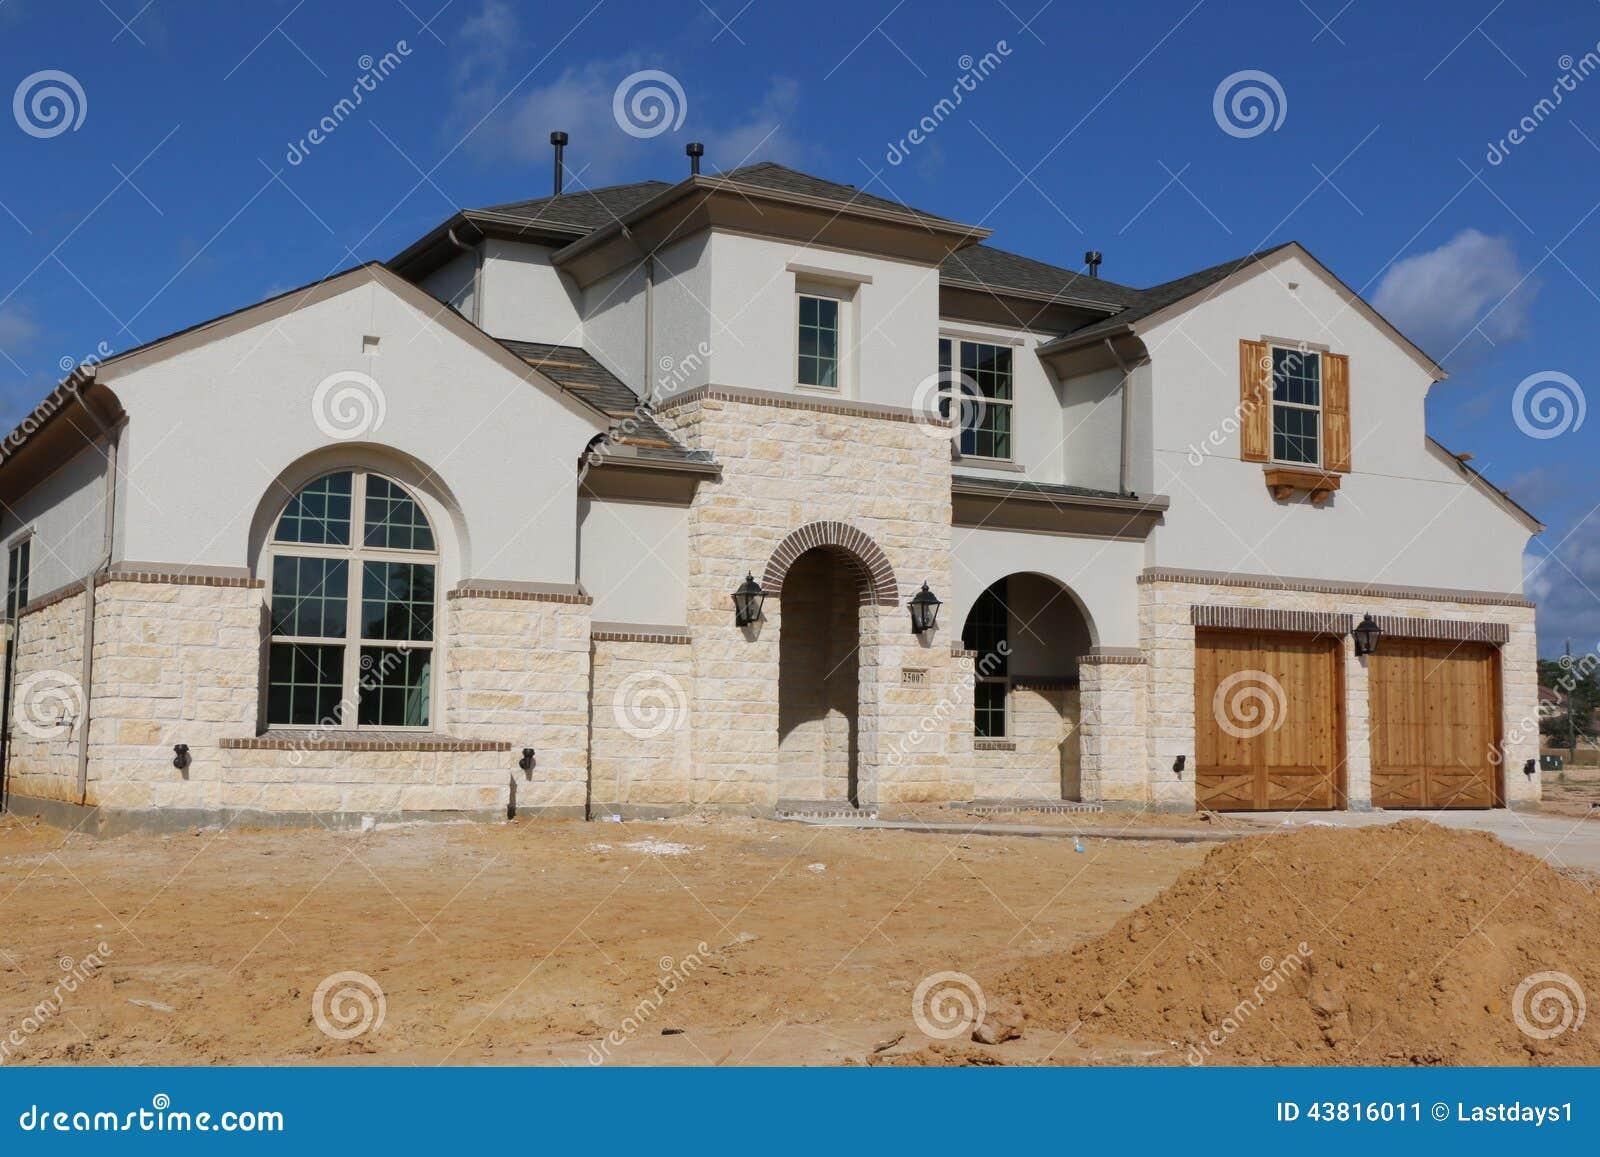 Schöne südliche Häuser stockbild. Bild von aufbau, schön - 43816011